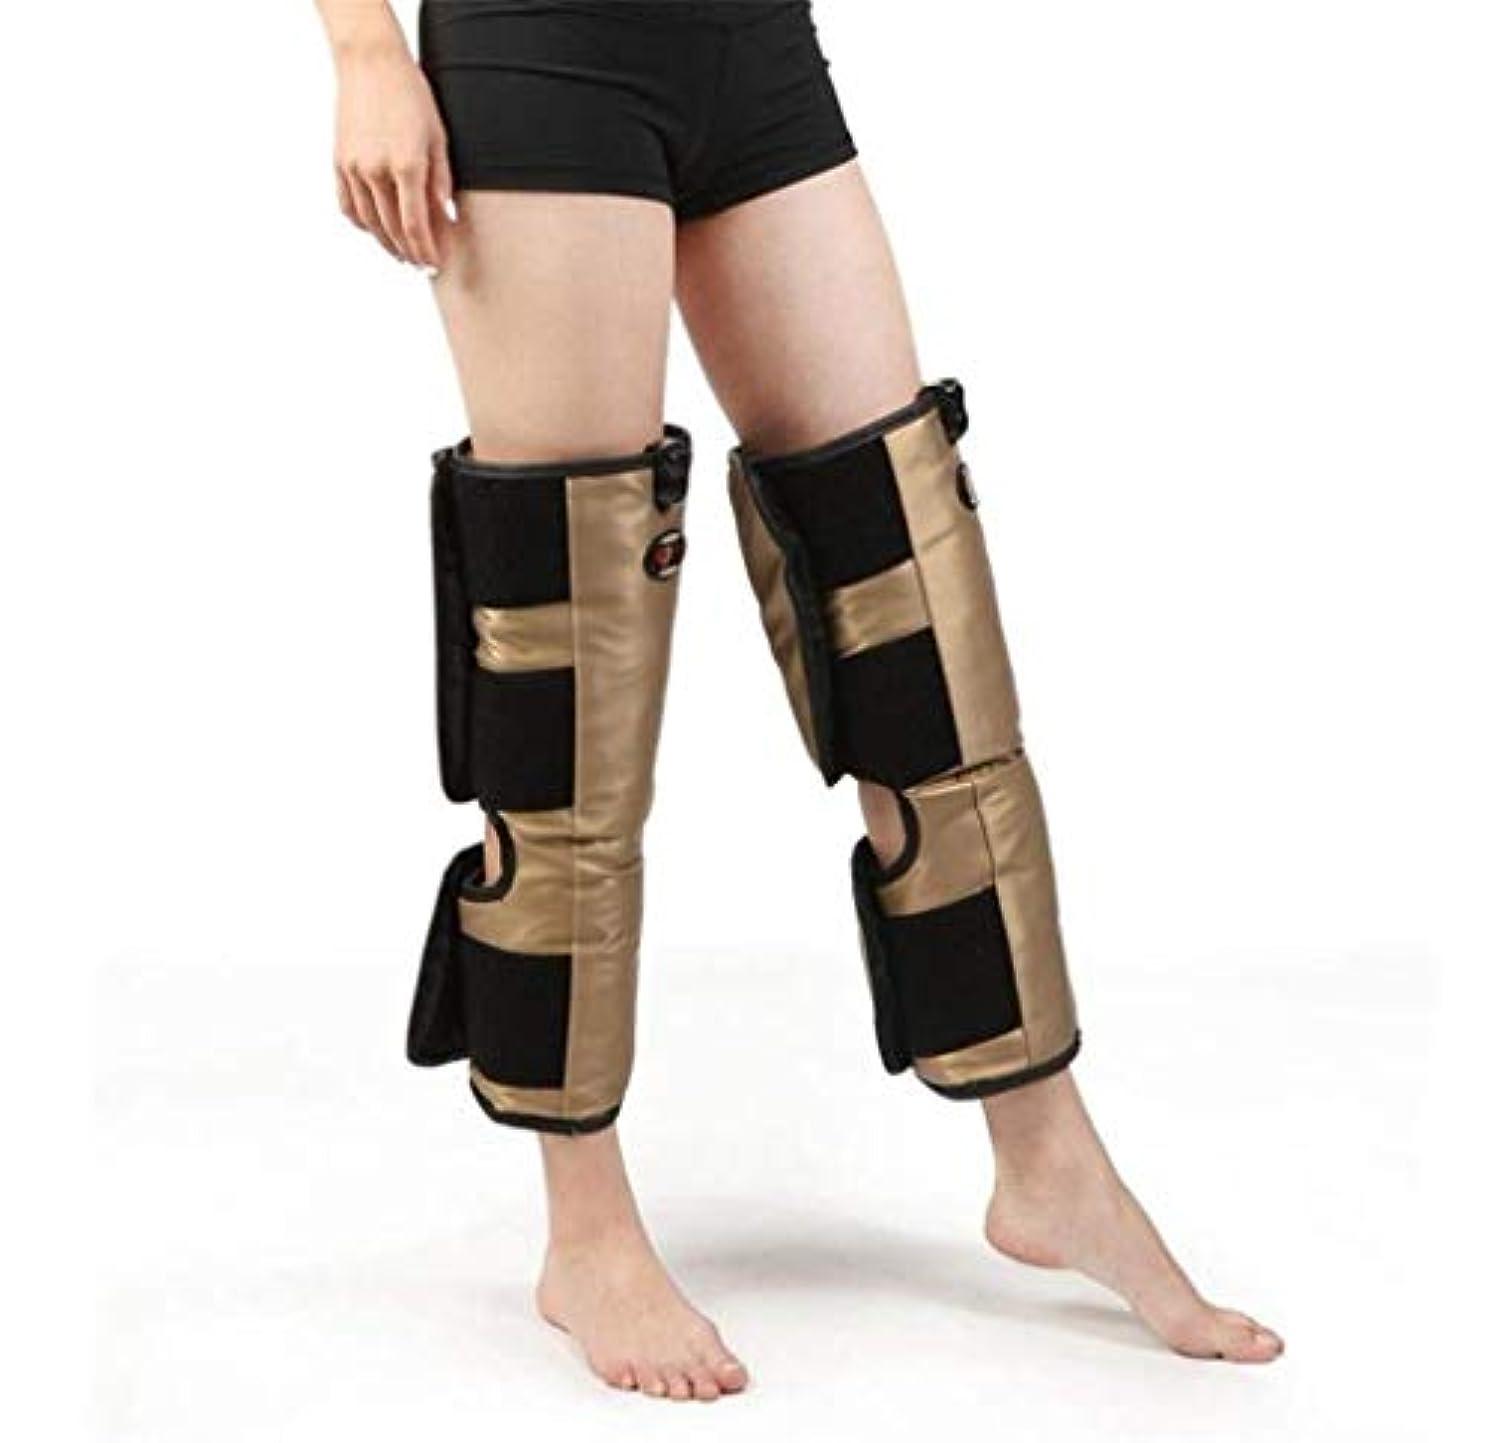 糸ロゴナラーバー脚マッサージャー、電気膝ブレース、oxiホット圧縮振動マッサージ療法、多機能電気加熱膝理学療法機器